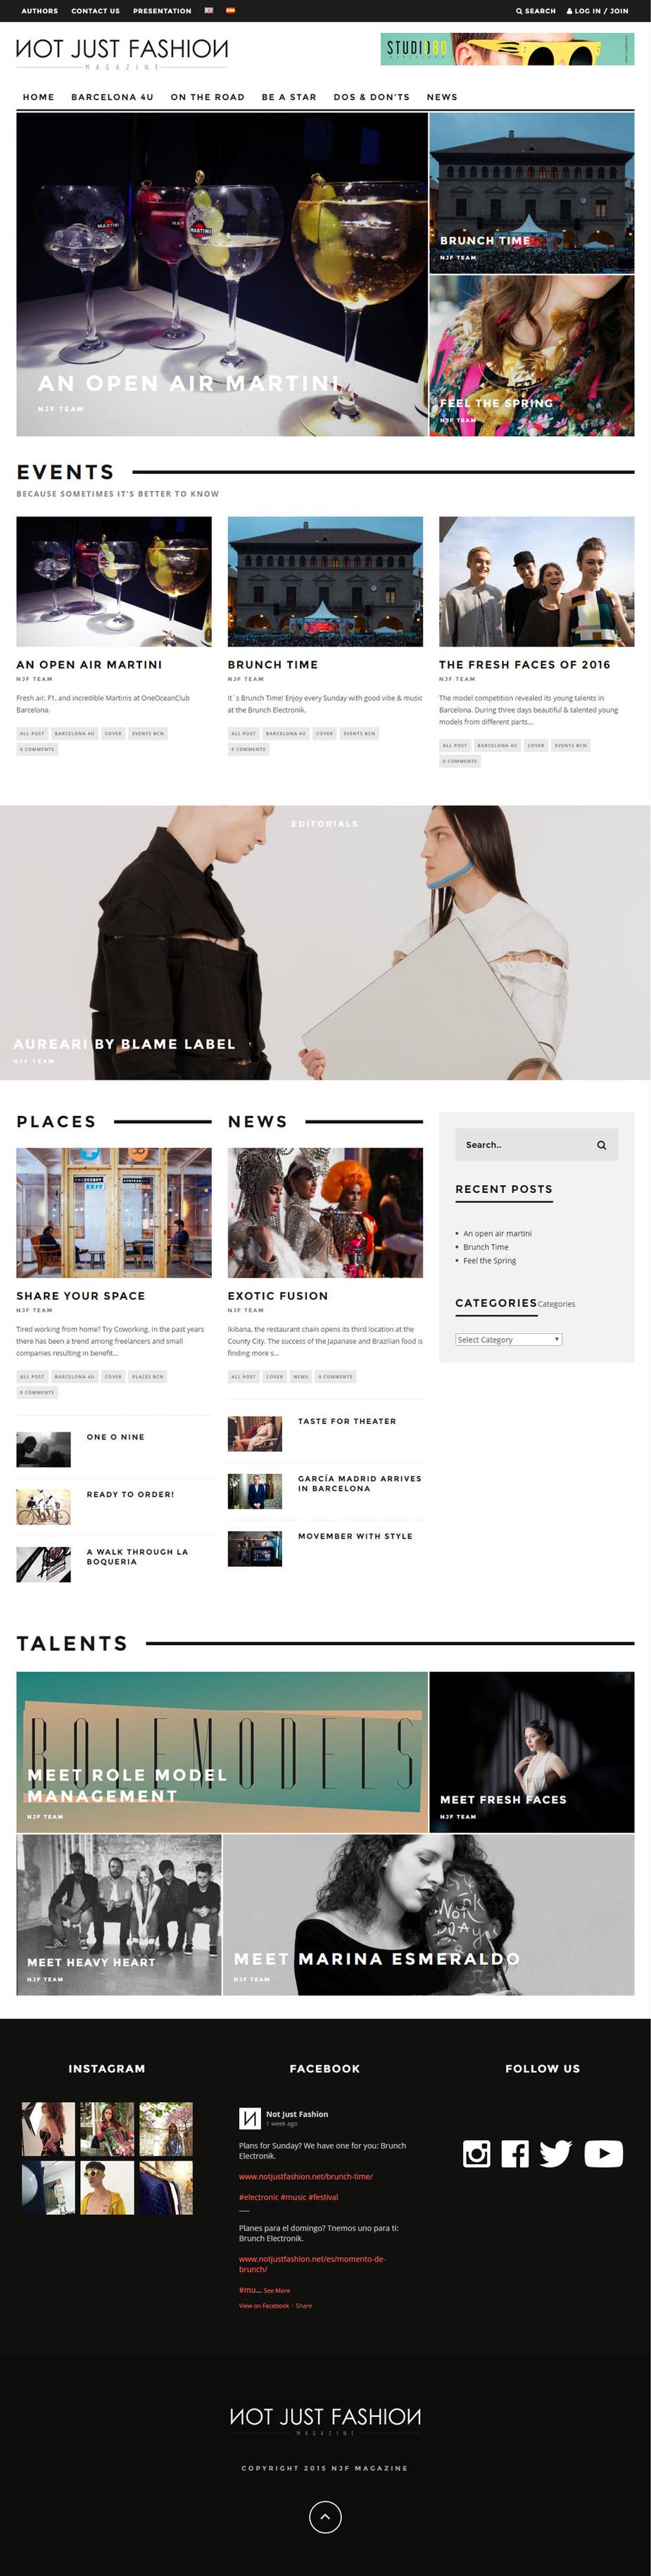 Gerrd Moreno |Diseñador gráfico y fotógrafo freelance | Diseño web para Notjustfashion magazine